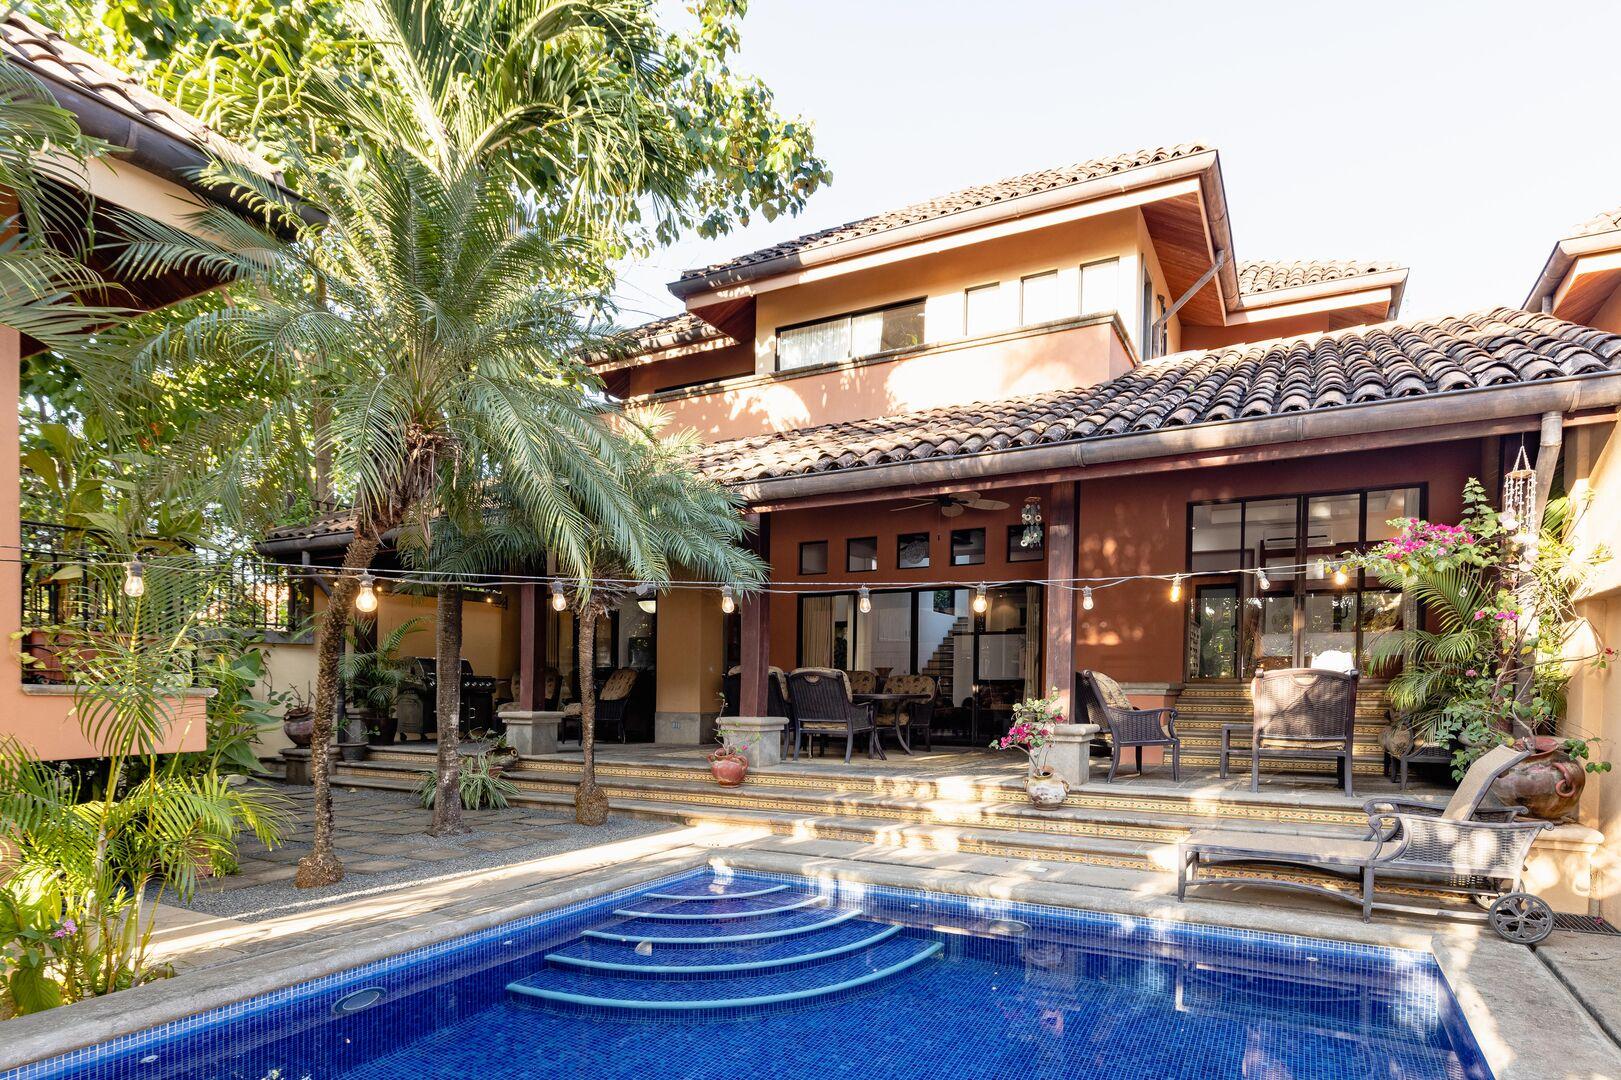 Casa Calico